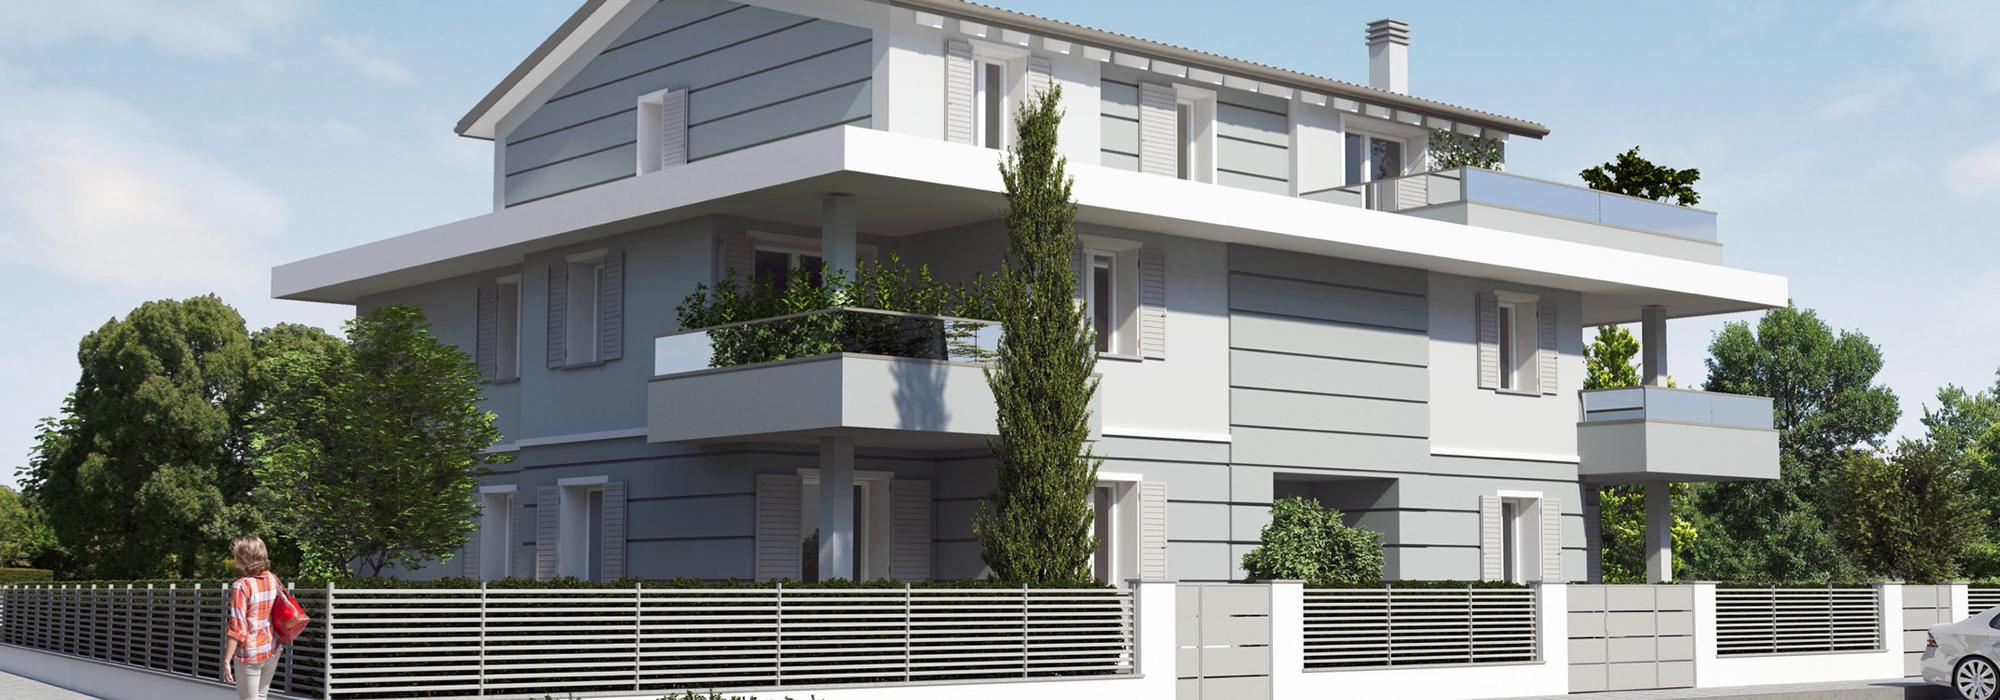 Prossima Realizzazione Appartamenti Formigine – Rif C630